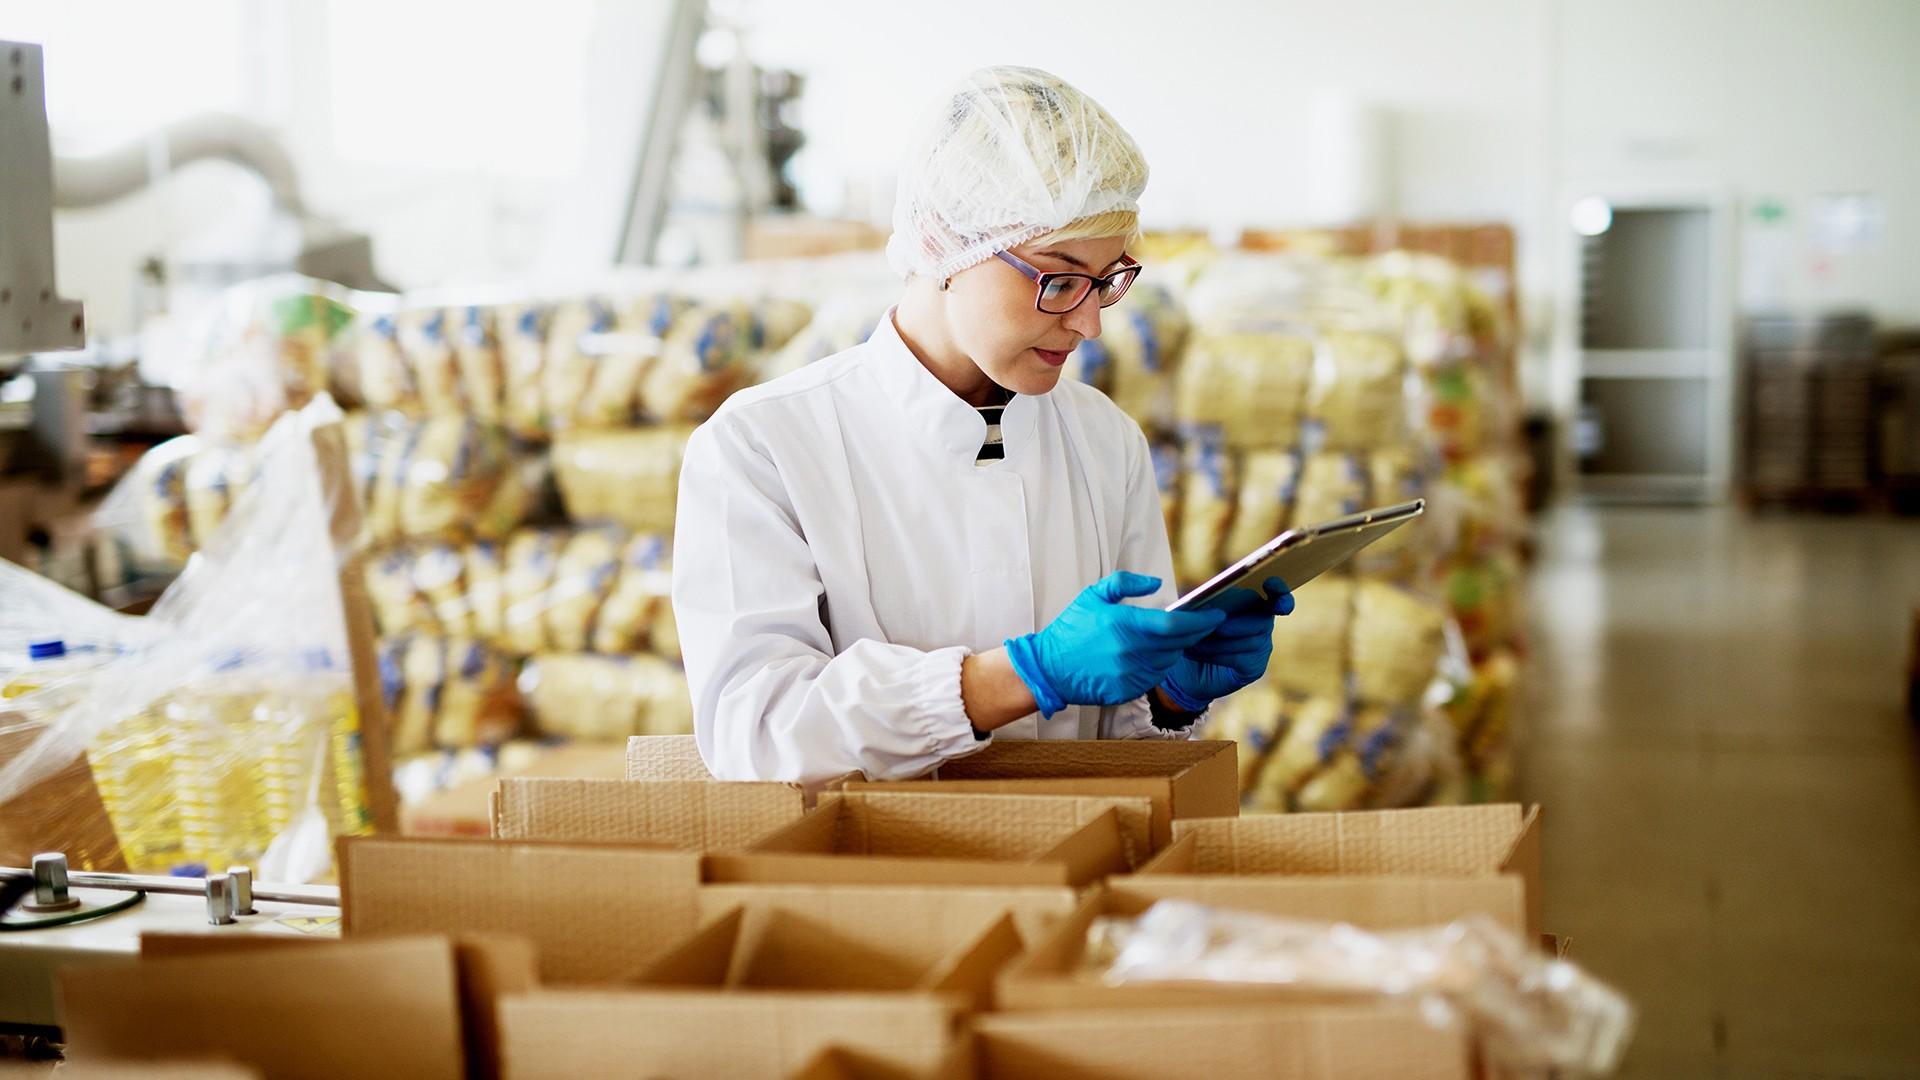 Em tempos de pandemia aumente a segurança e produtividade da sua empresa